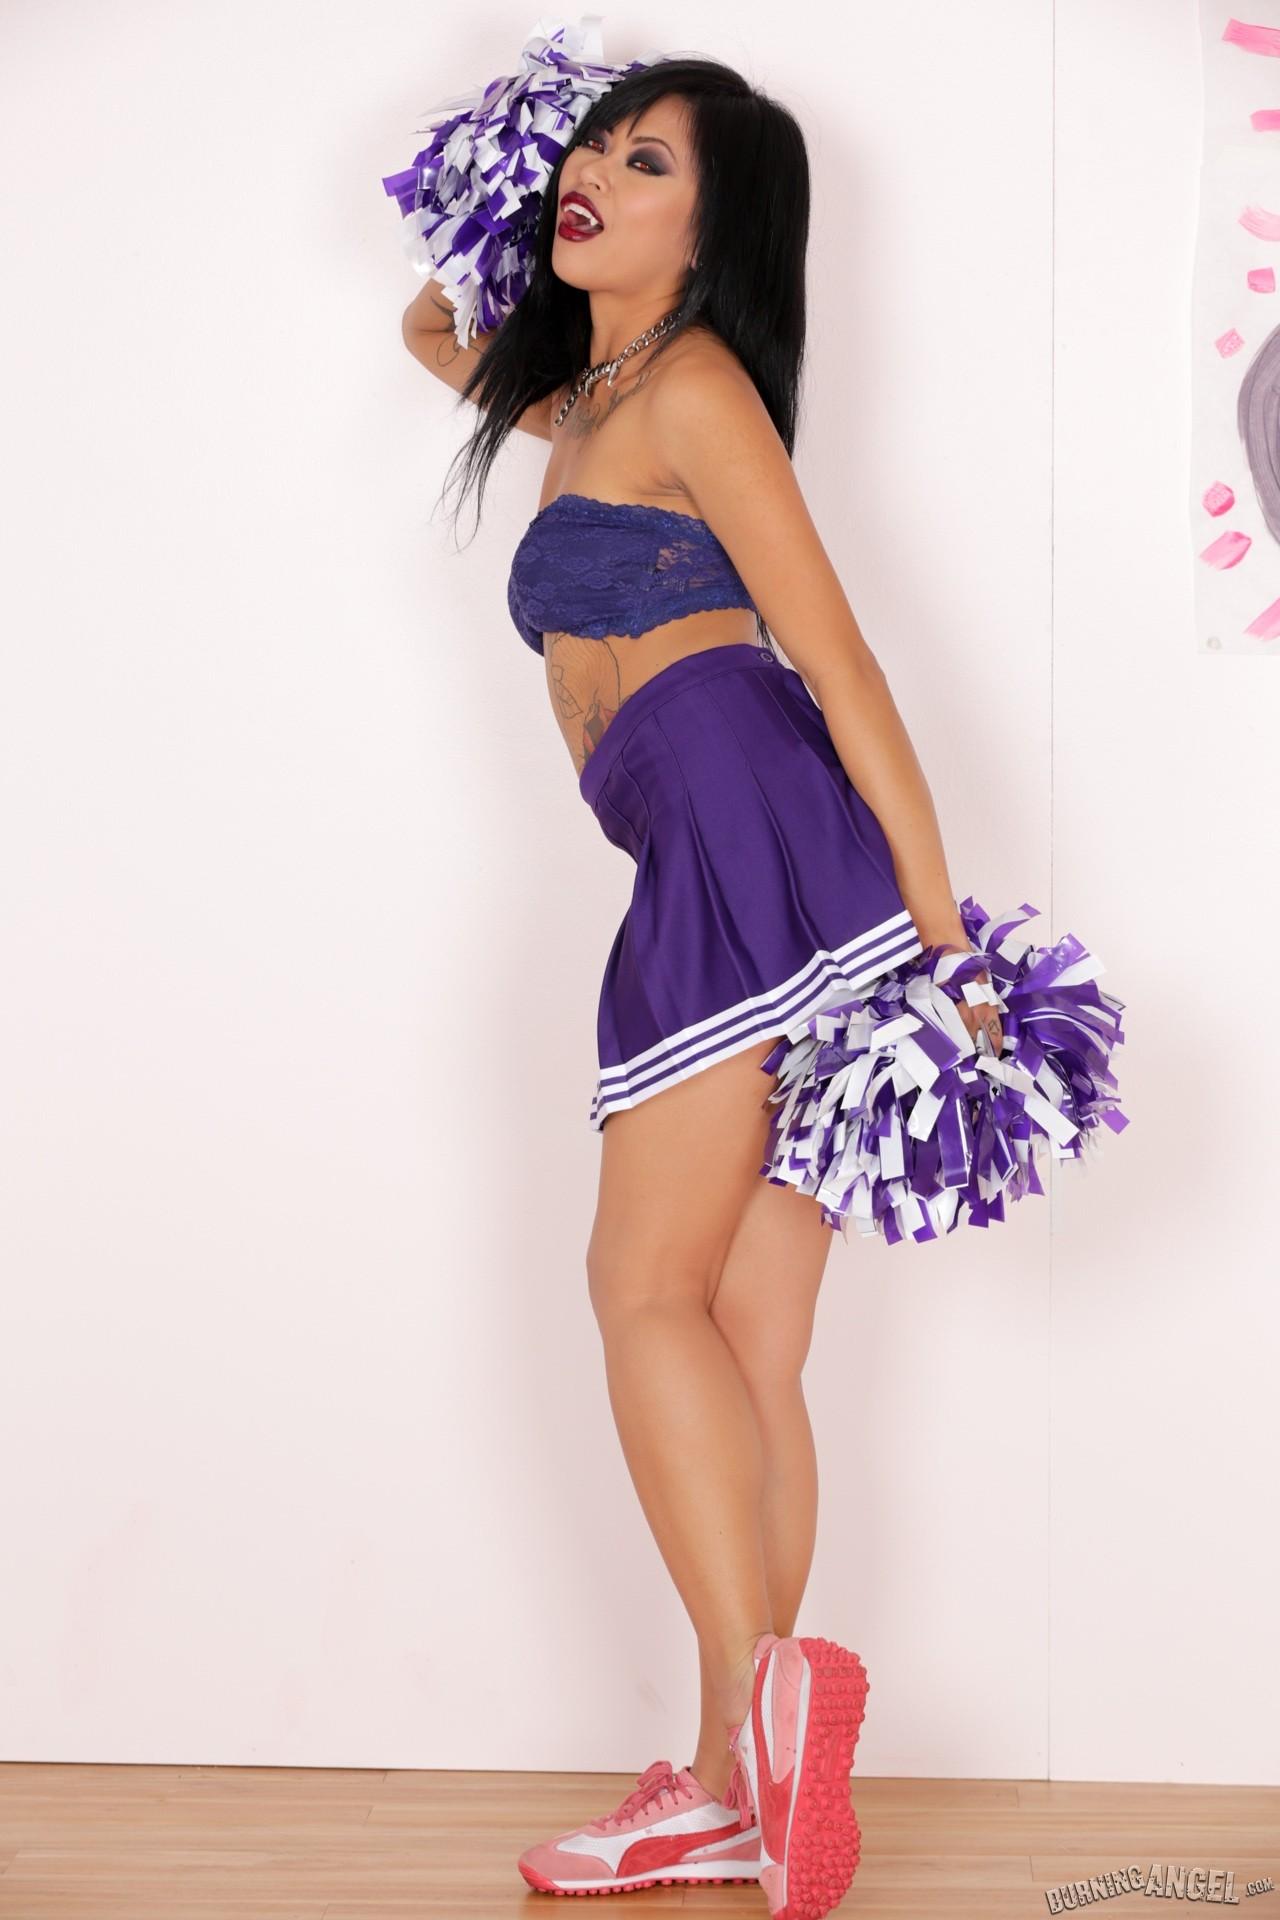 Японка Крисси Ди в униформе чирлидерши